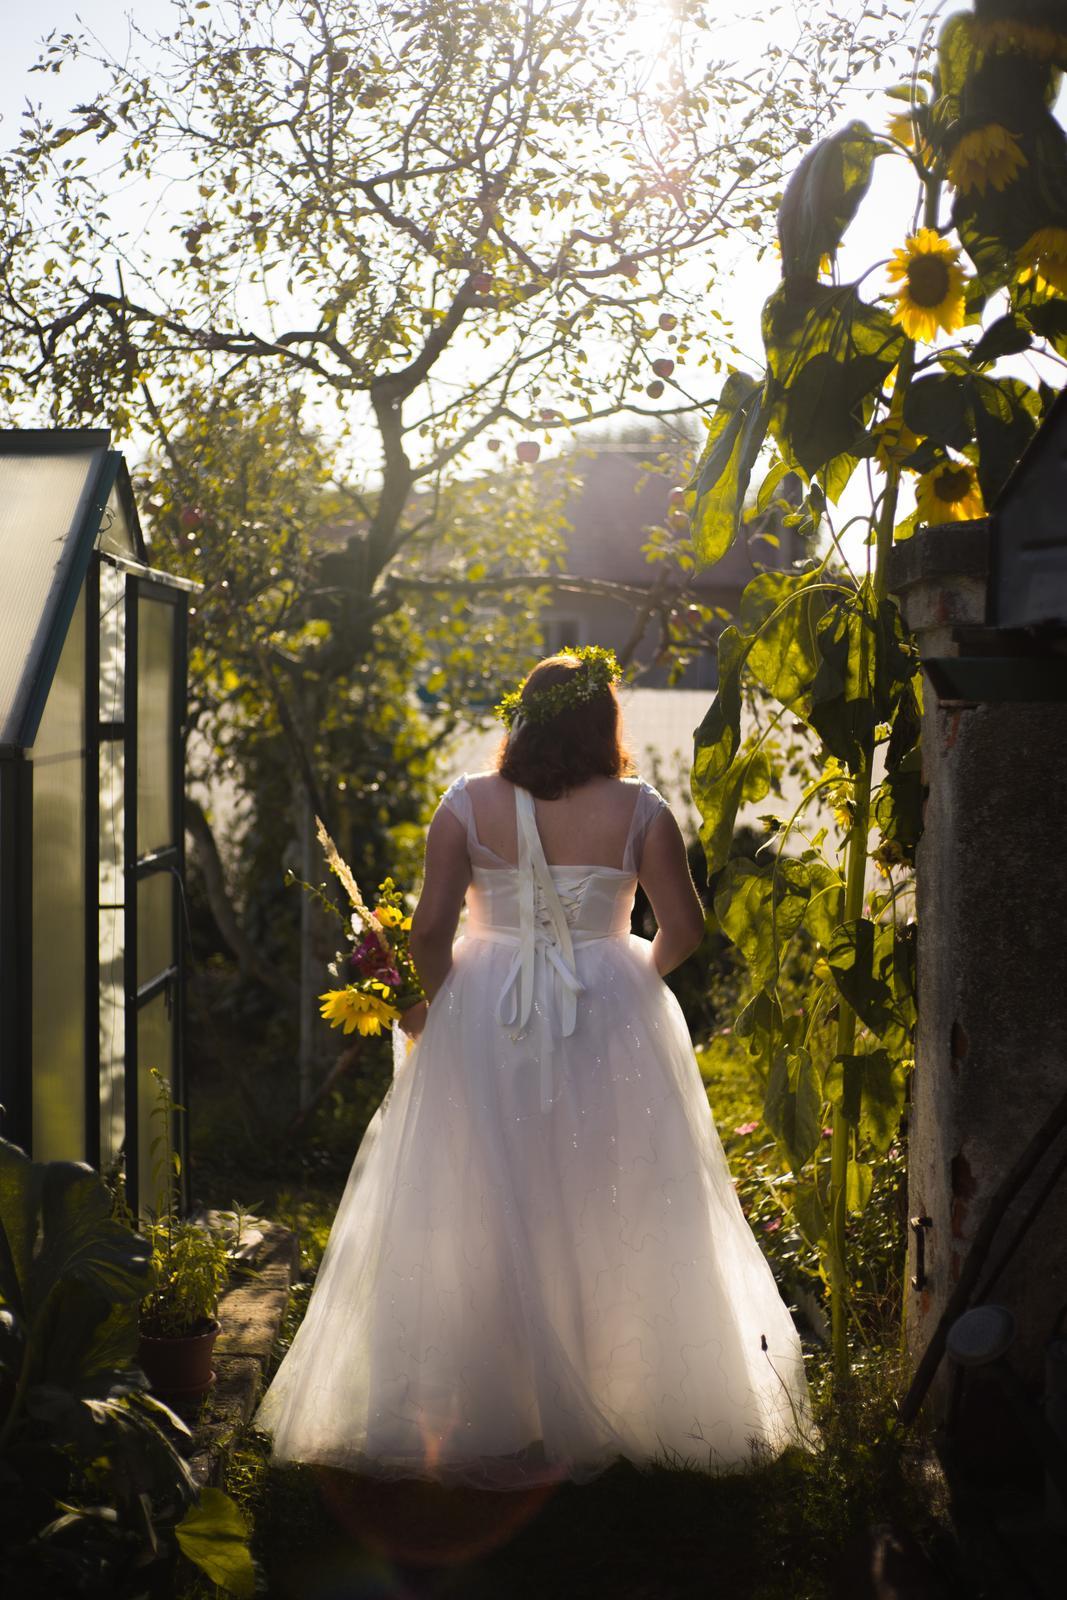 Svadobné šaty - biela farba, na šnurovanie (40-46) - Obrázok č. 1